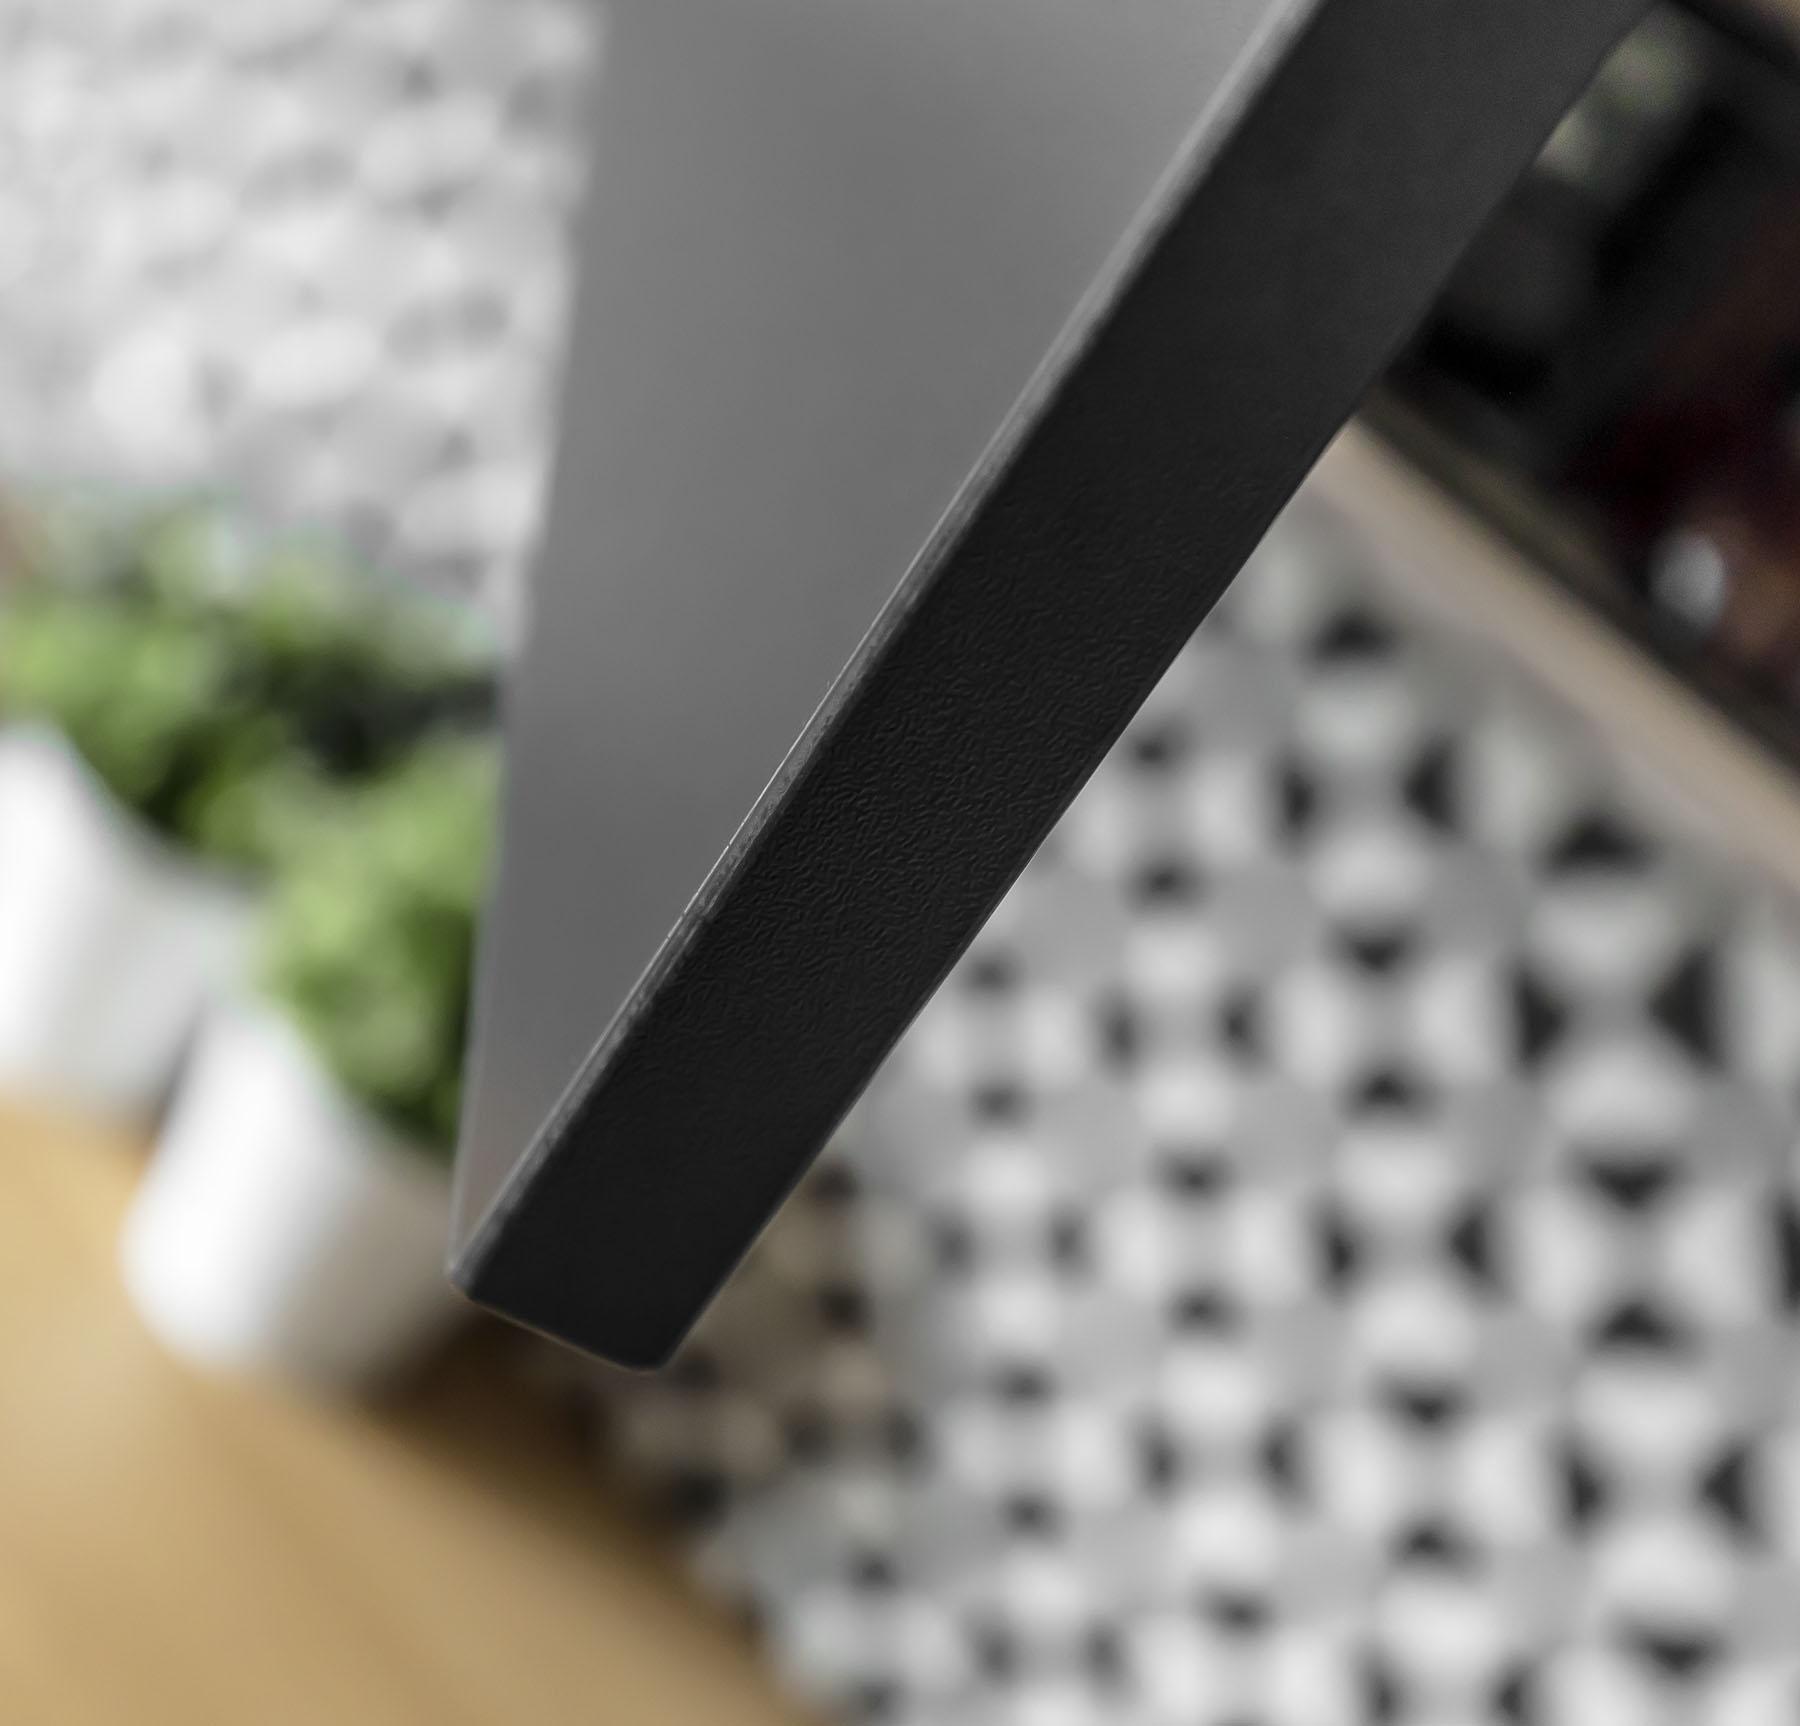 Meble kuchenne na wymiar - detal - front - wykonanie SAS Wnętrza i Kuchnie. Projekt architekt wnętrz Emilia Strzempek Plasun.